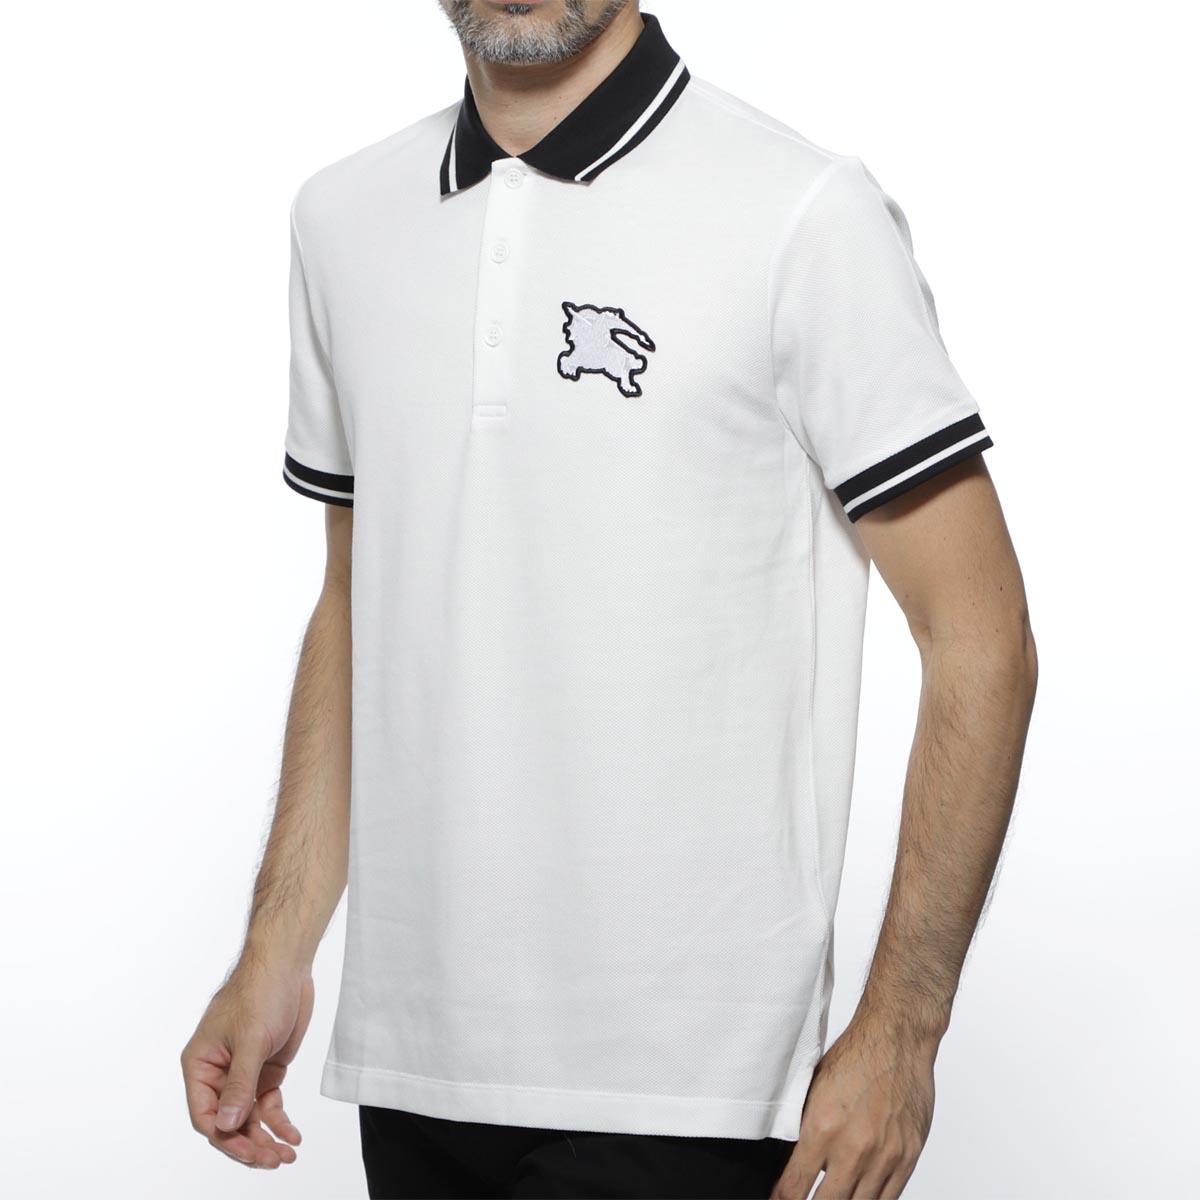 【アウトレット】バーバリー BURBERRY ポロシャツ ホワイト メンズ カジュアル トップス インナー スポーツ ゴルフ 8005285 white BOEDON【あす楽対応_関東】【返品送料無料】【ラッピング無料】